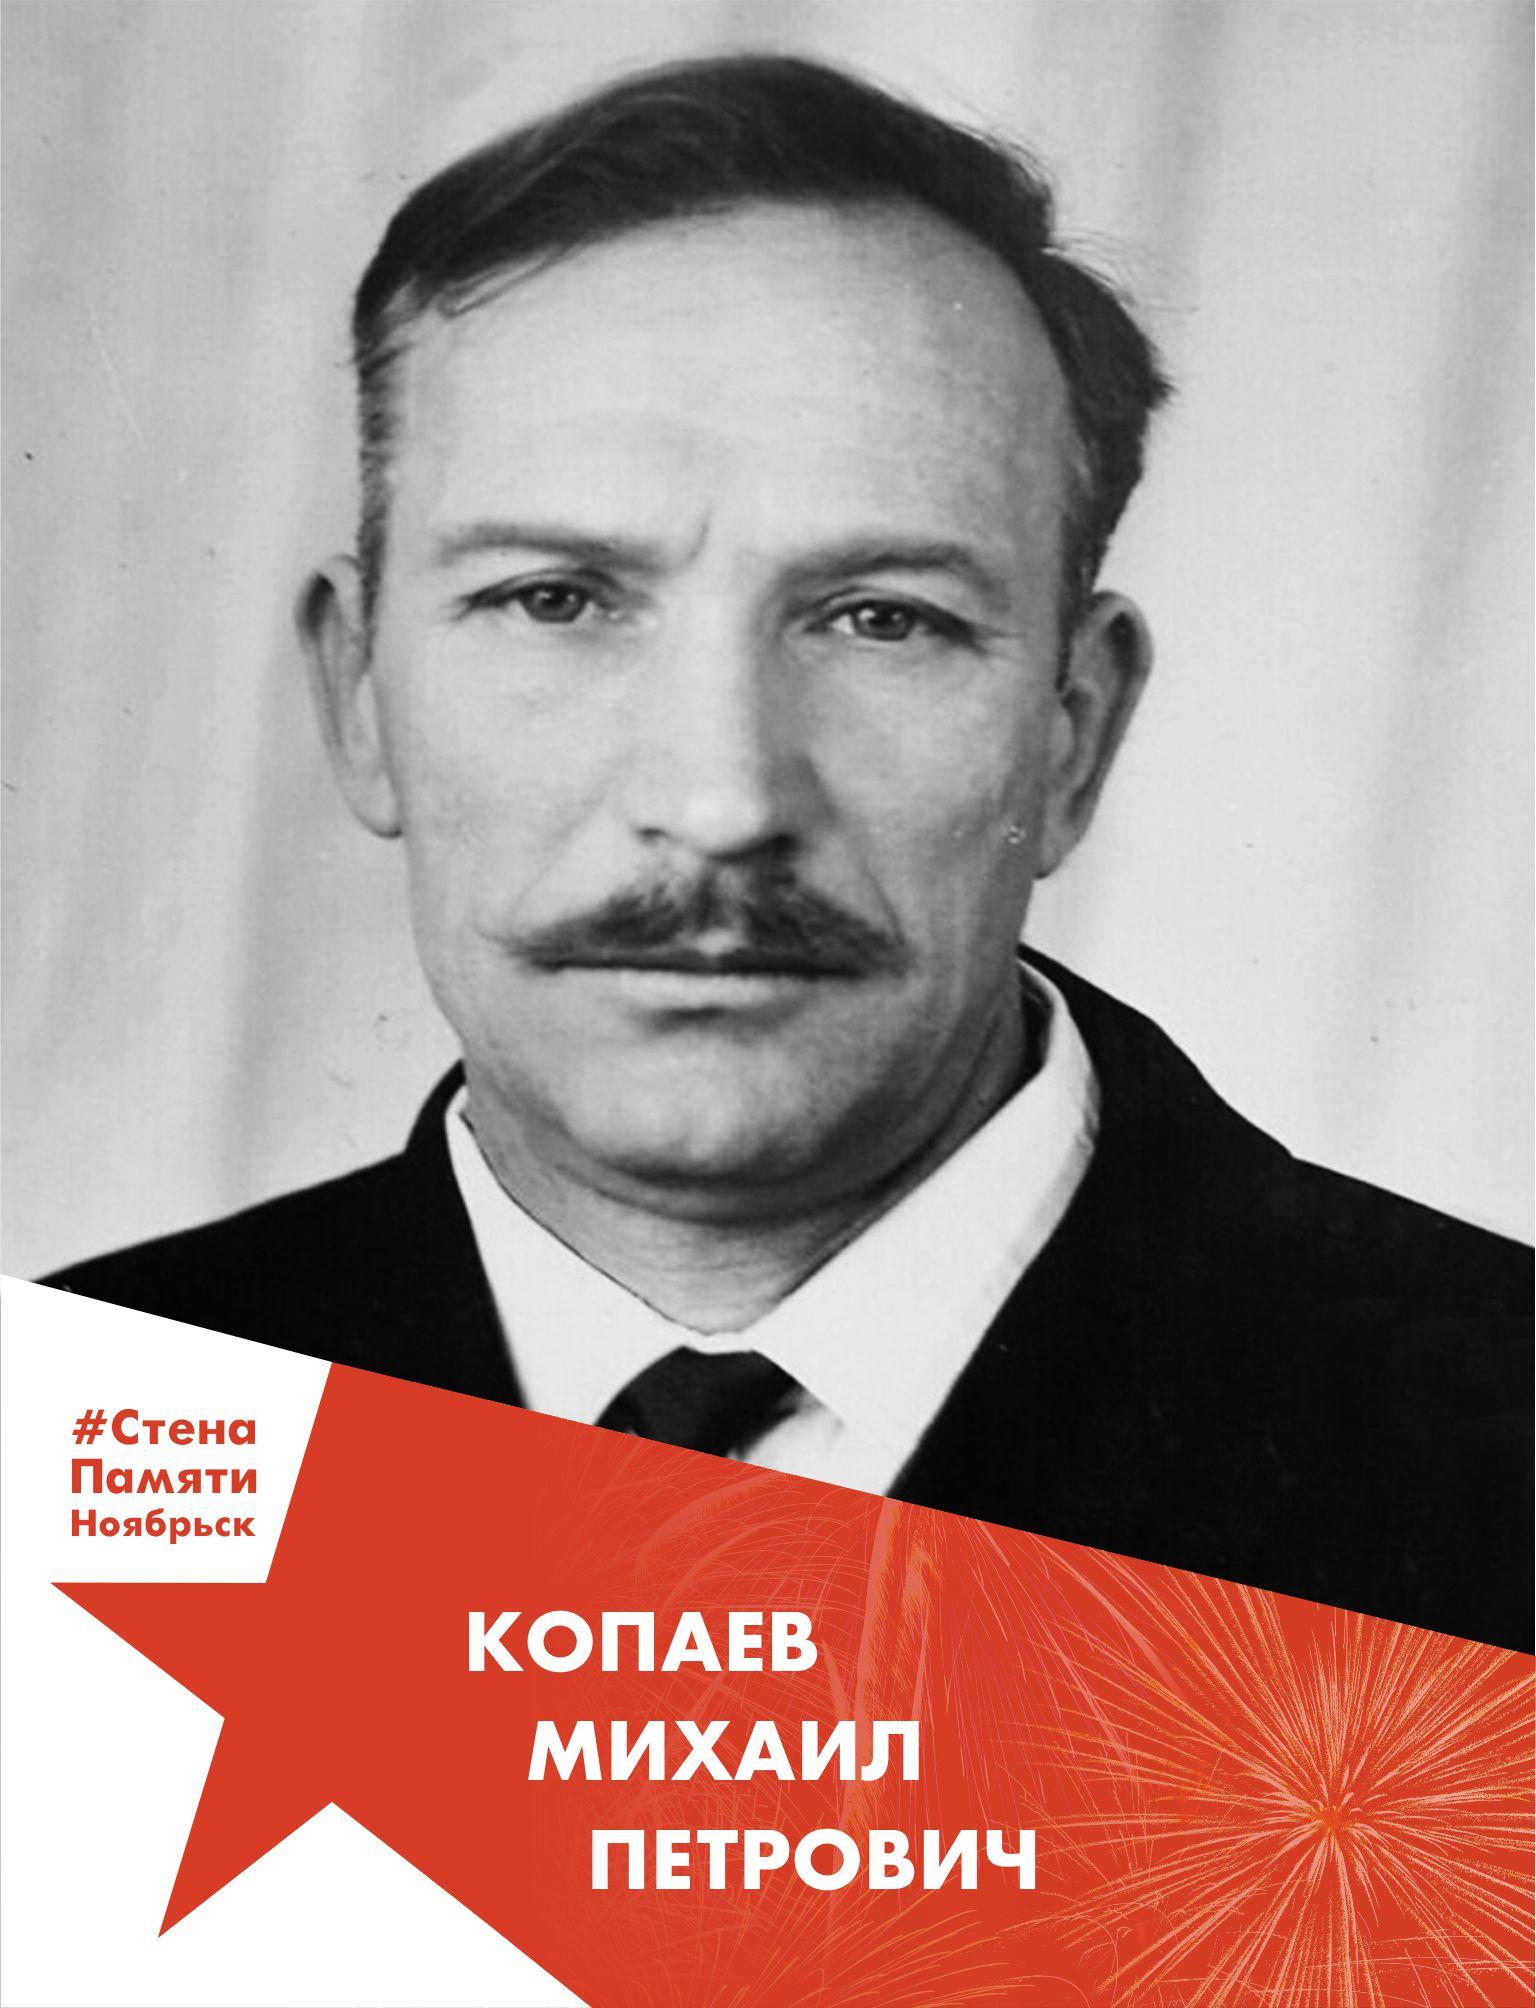 Копаев Михаил Петрович